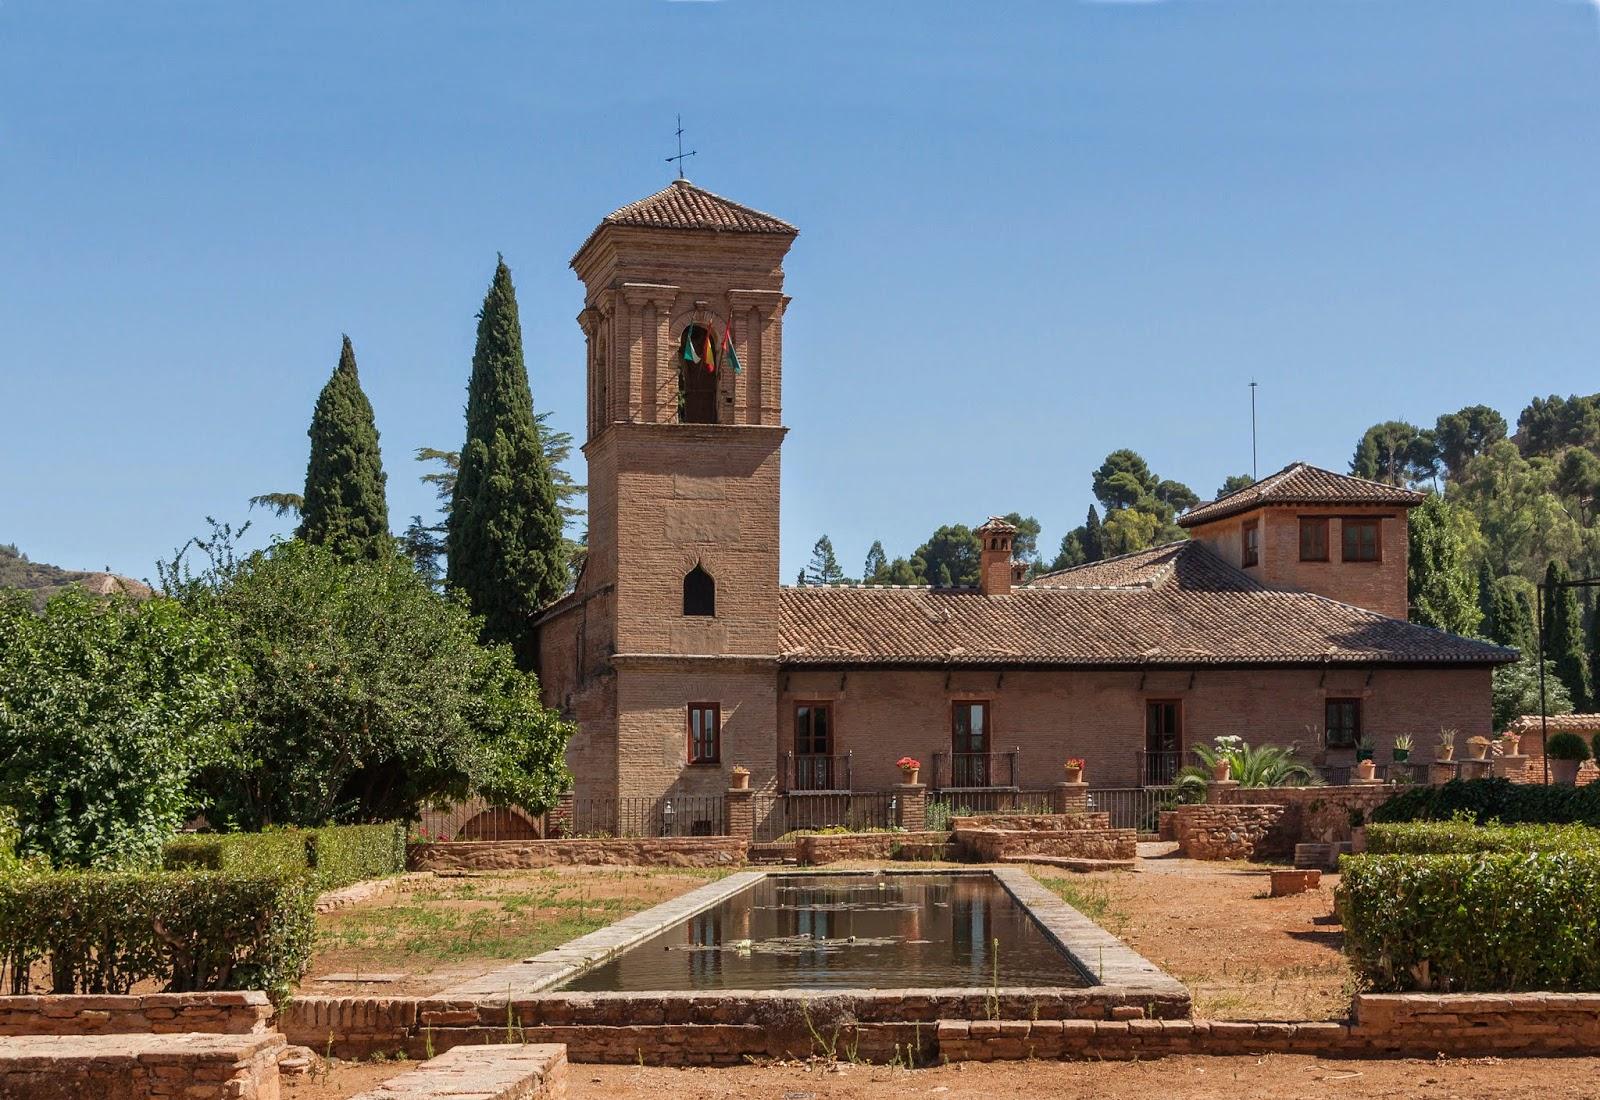 Conventos Monasterios Y Otros Edificios Religiosos Reconvertidos # Muebles Rabanal Villanueva Serena